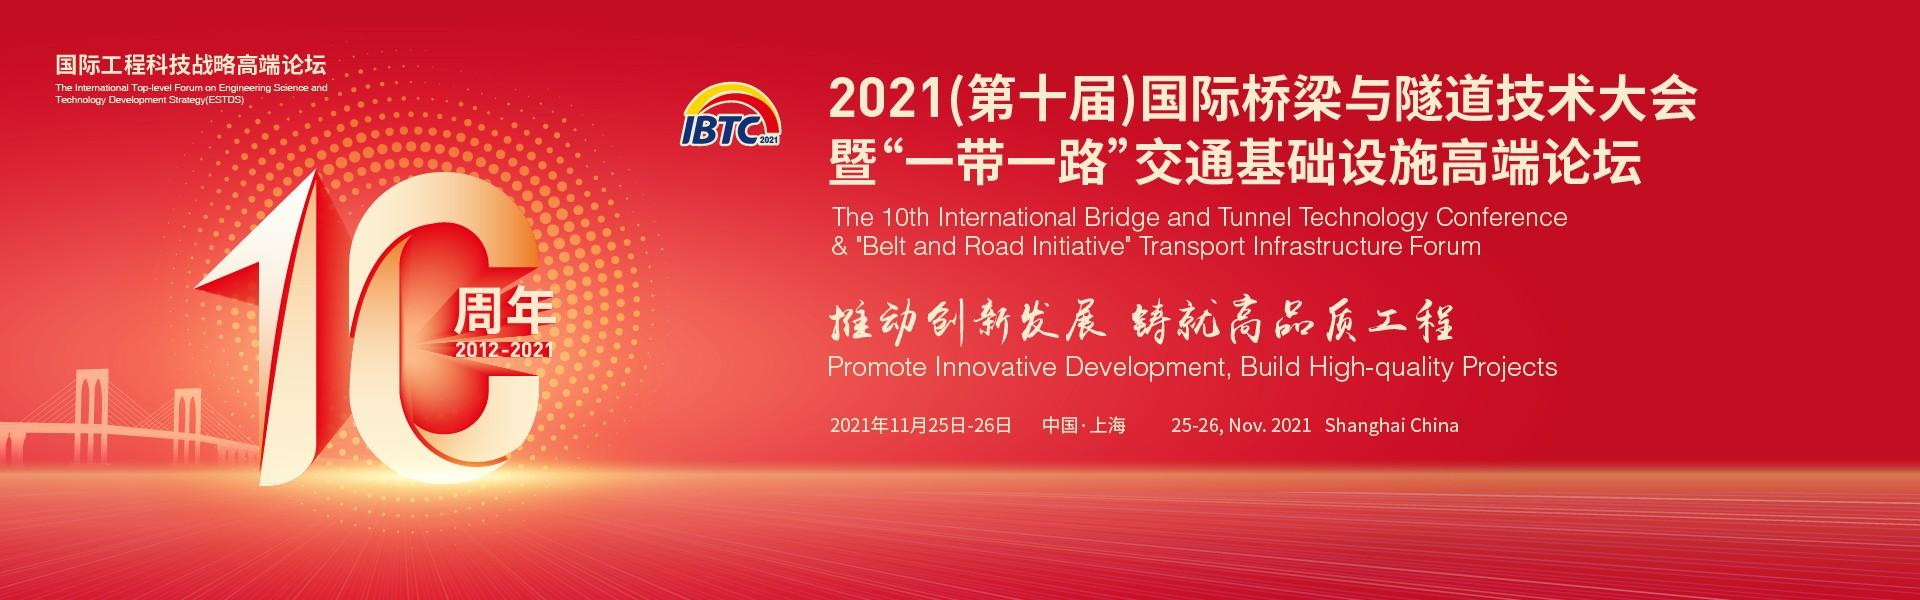 2021(第十届)国际桥梁与隧道技术大会-二号通知